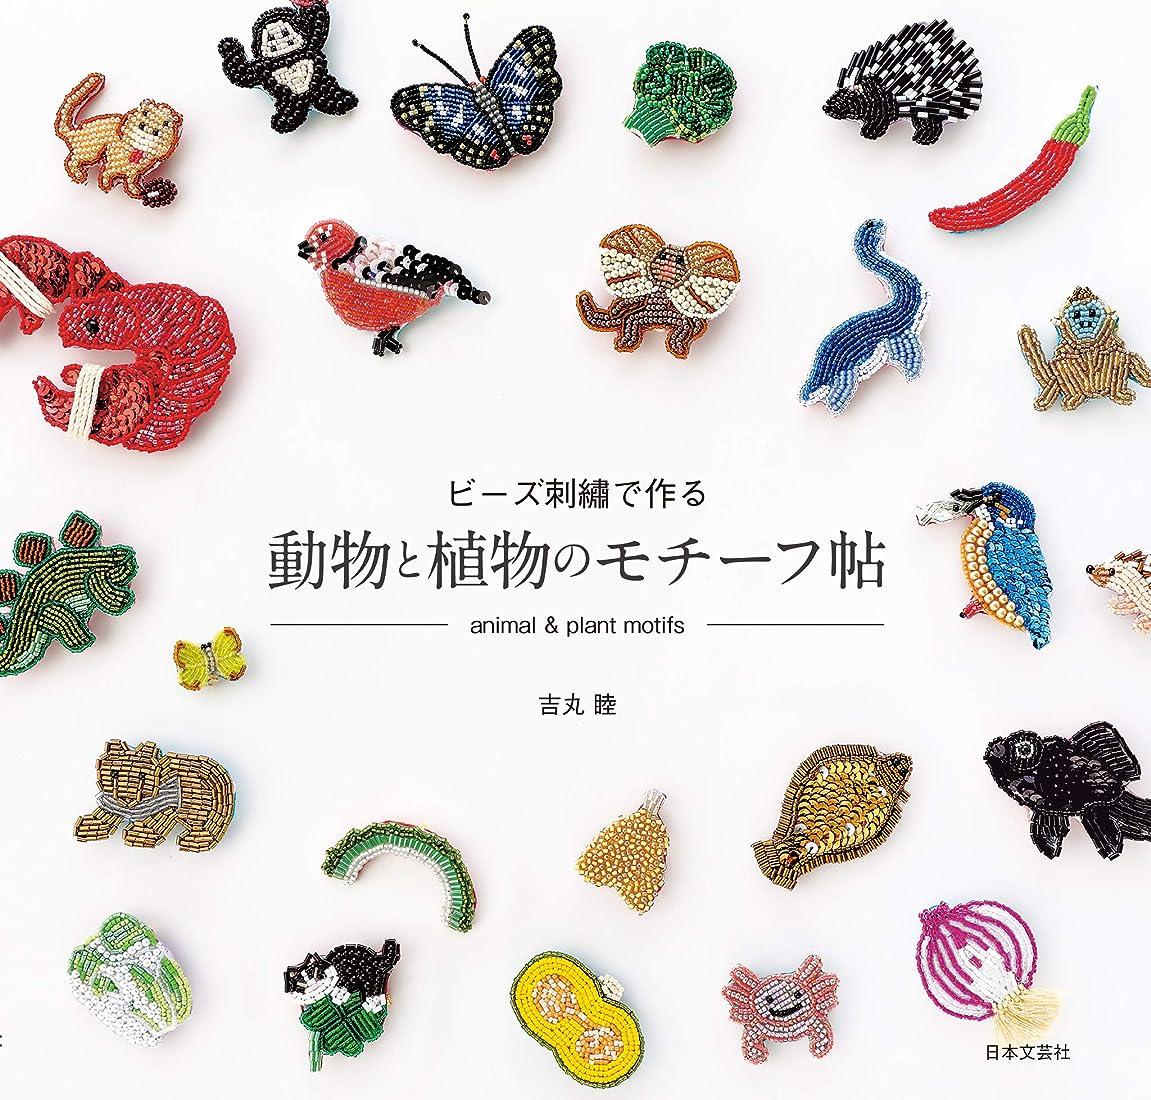 また明日ねニッケル魚ビーズ刺繍で作る 動物と植物のモチーフ帖